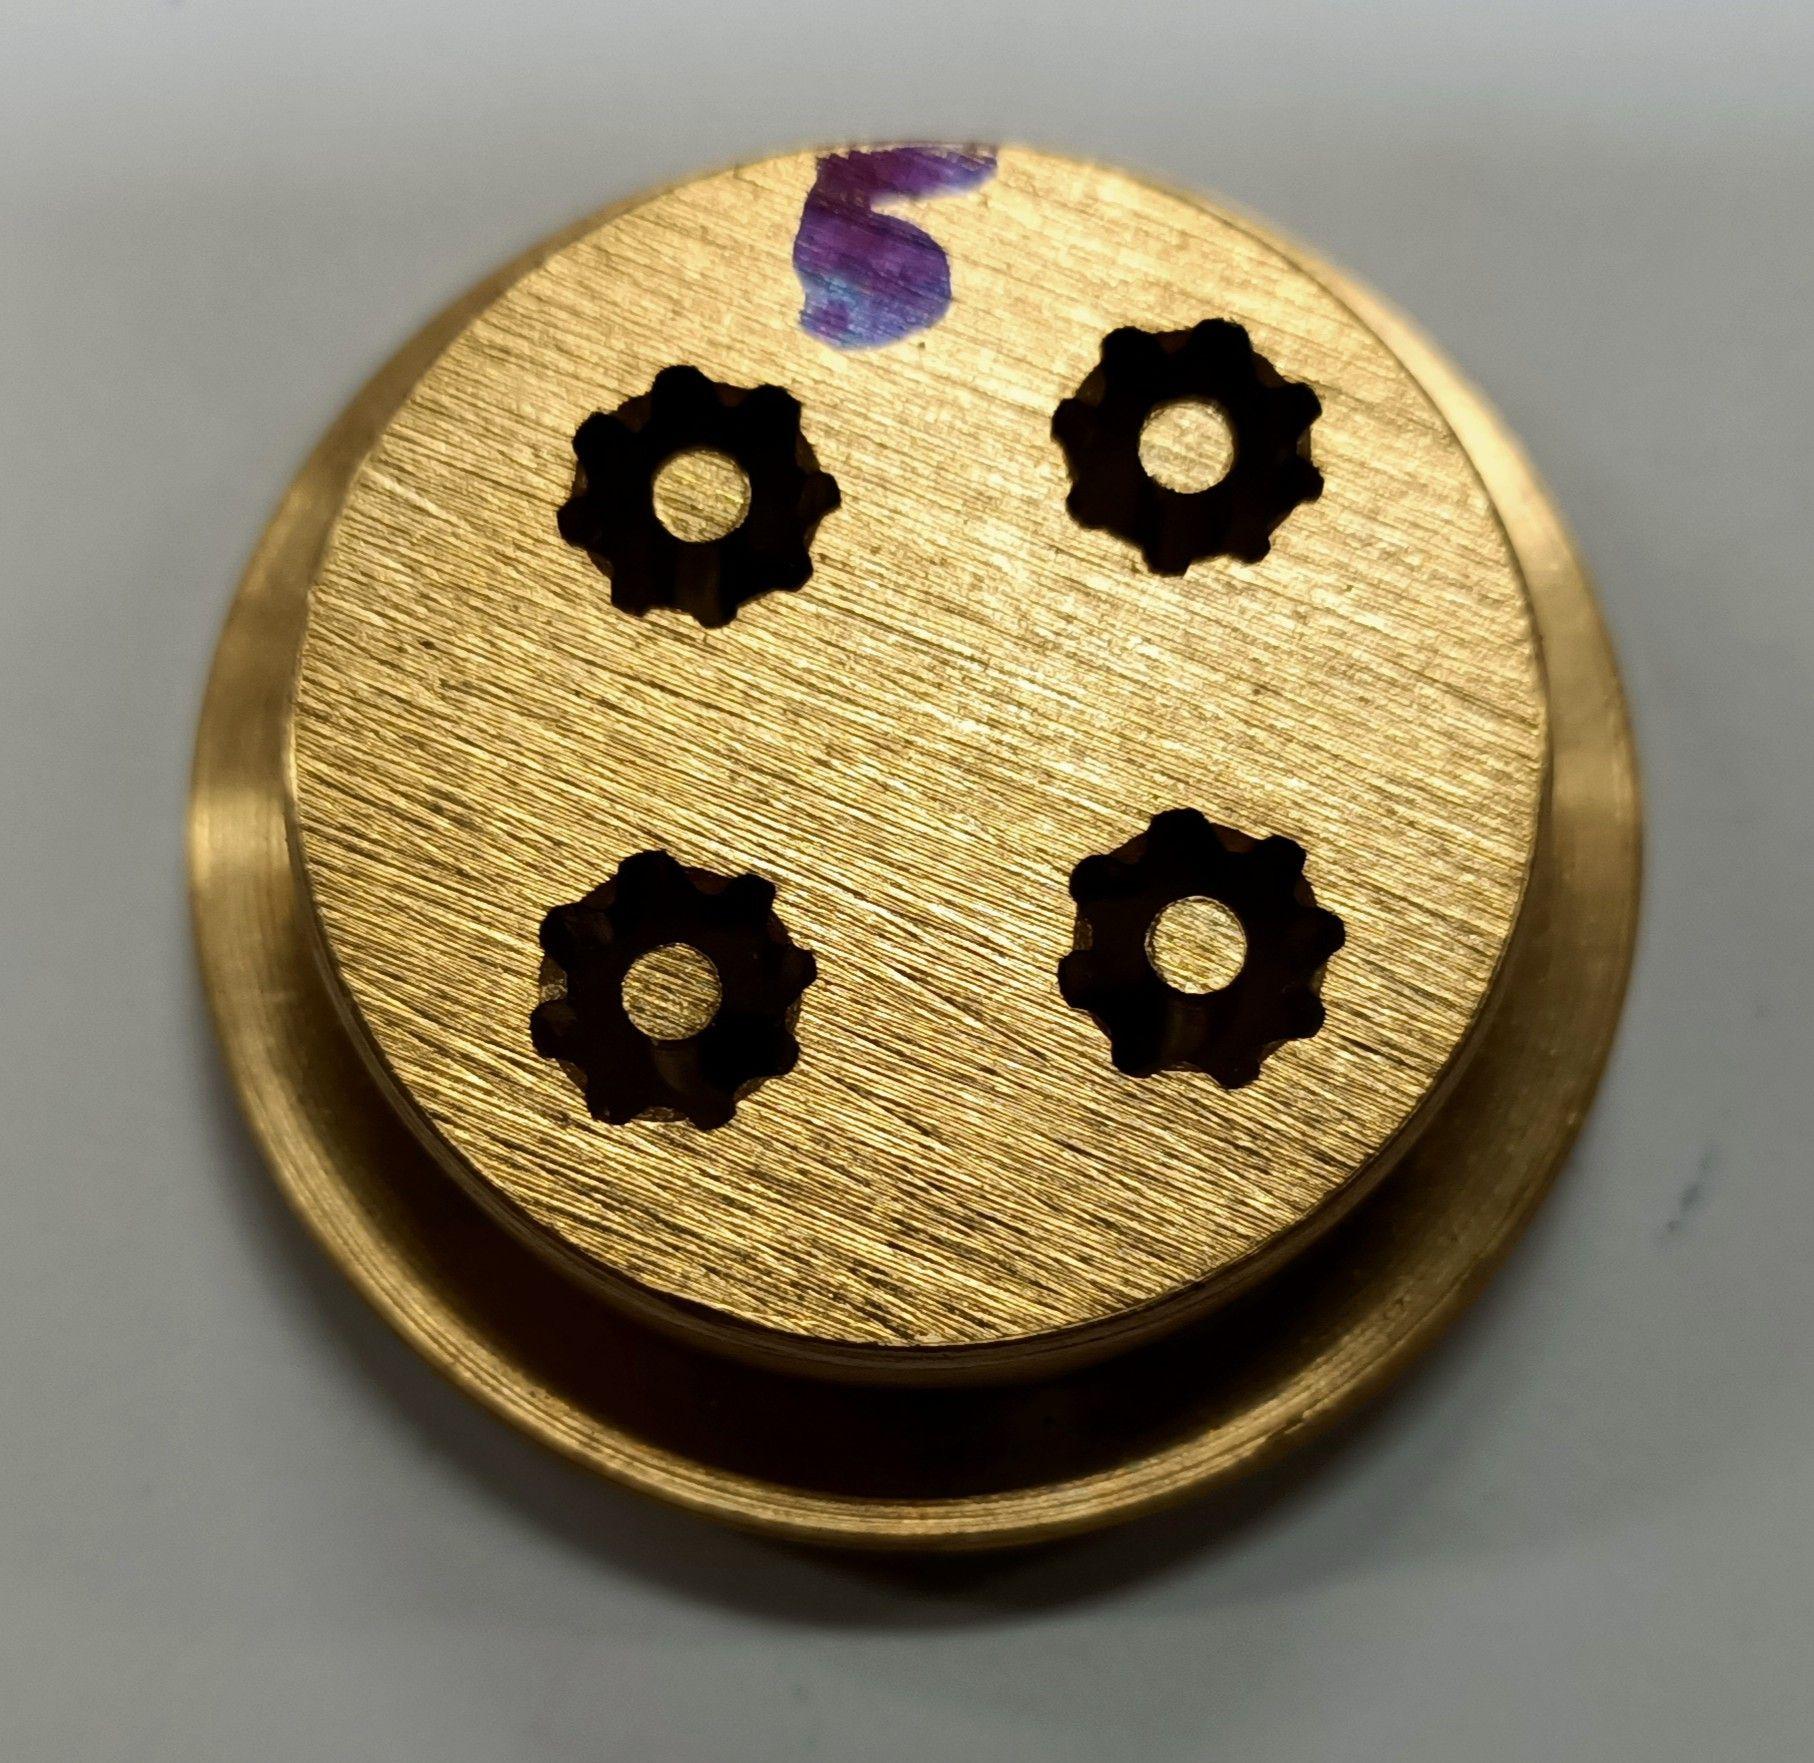 Trafila in ottone per rigatoni/maccheroni per torchio n 5